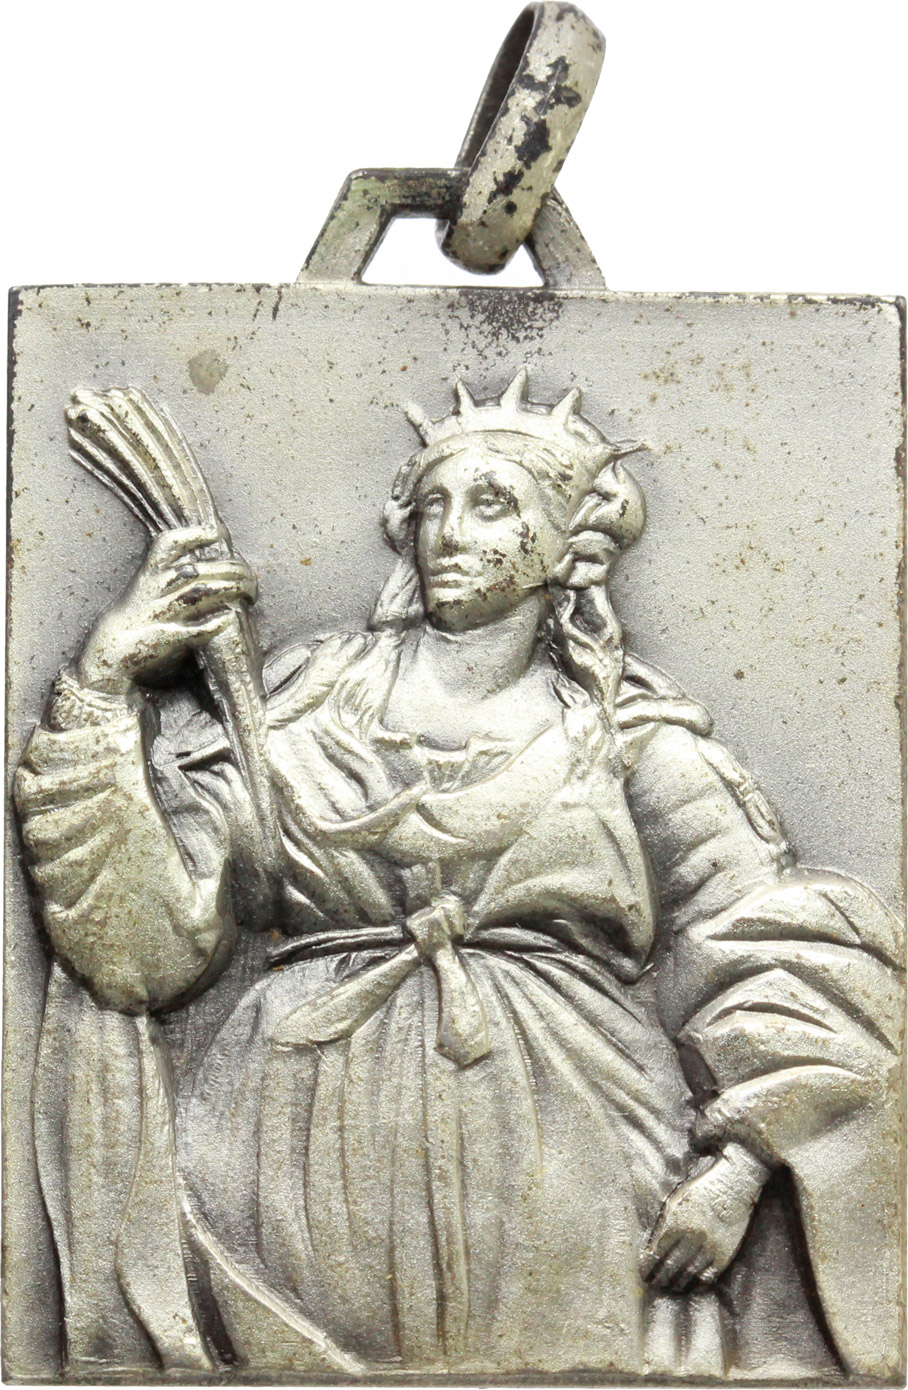 D/  Medaglietta rettangolare 17° Reggimento Artiglieria da Campagna con motto 'VEHEMENTER ET FORTITER'.     AE.     Dimensioni:: 30 x 24 mm. Bel BB.